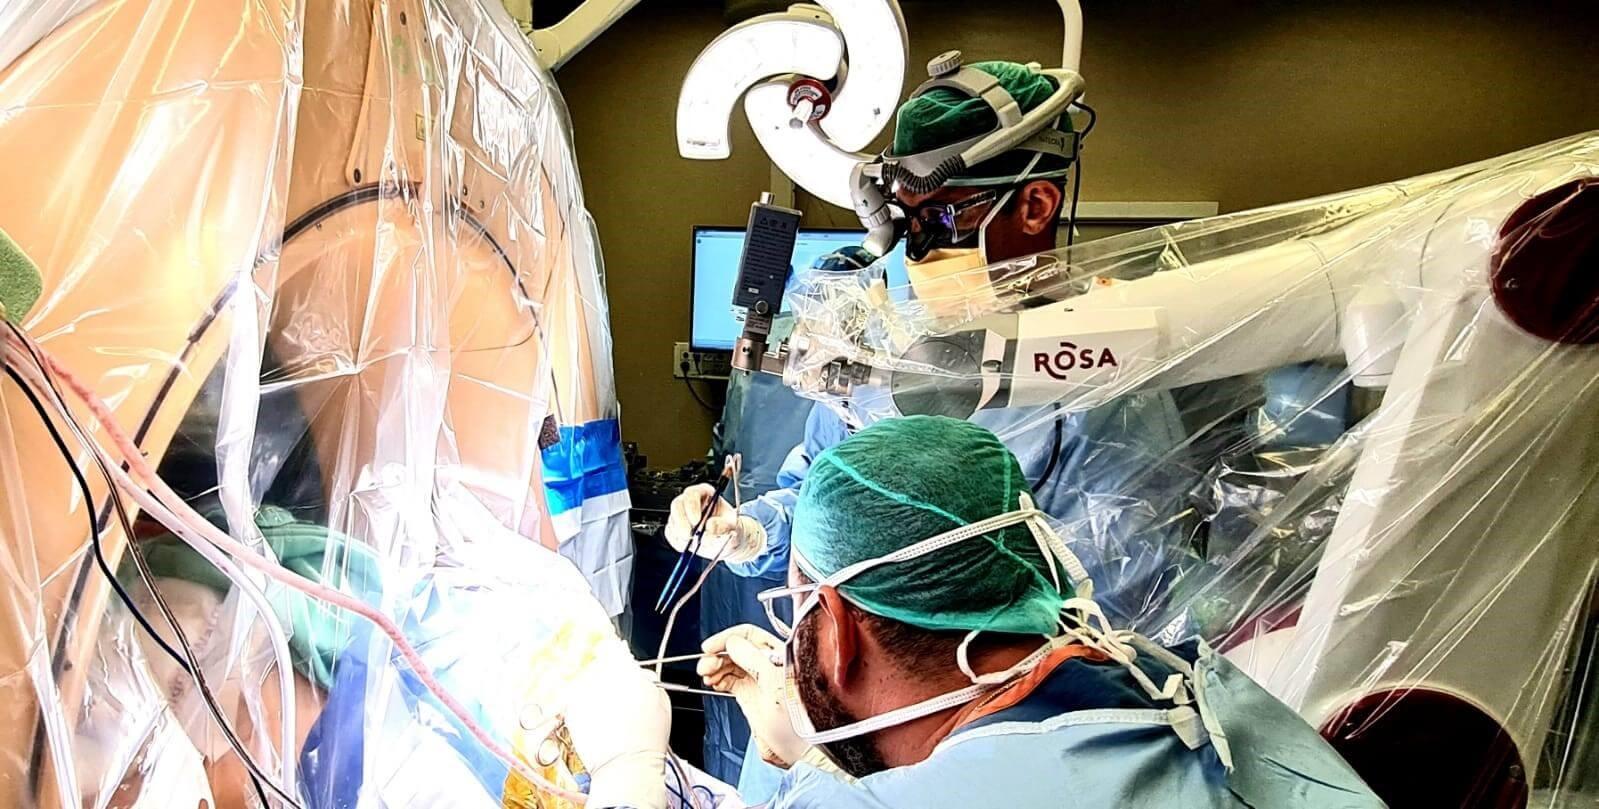 הניתוח והרובוט צילום: ליאור צור